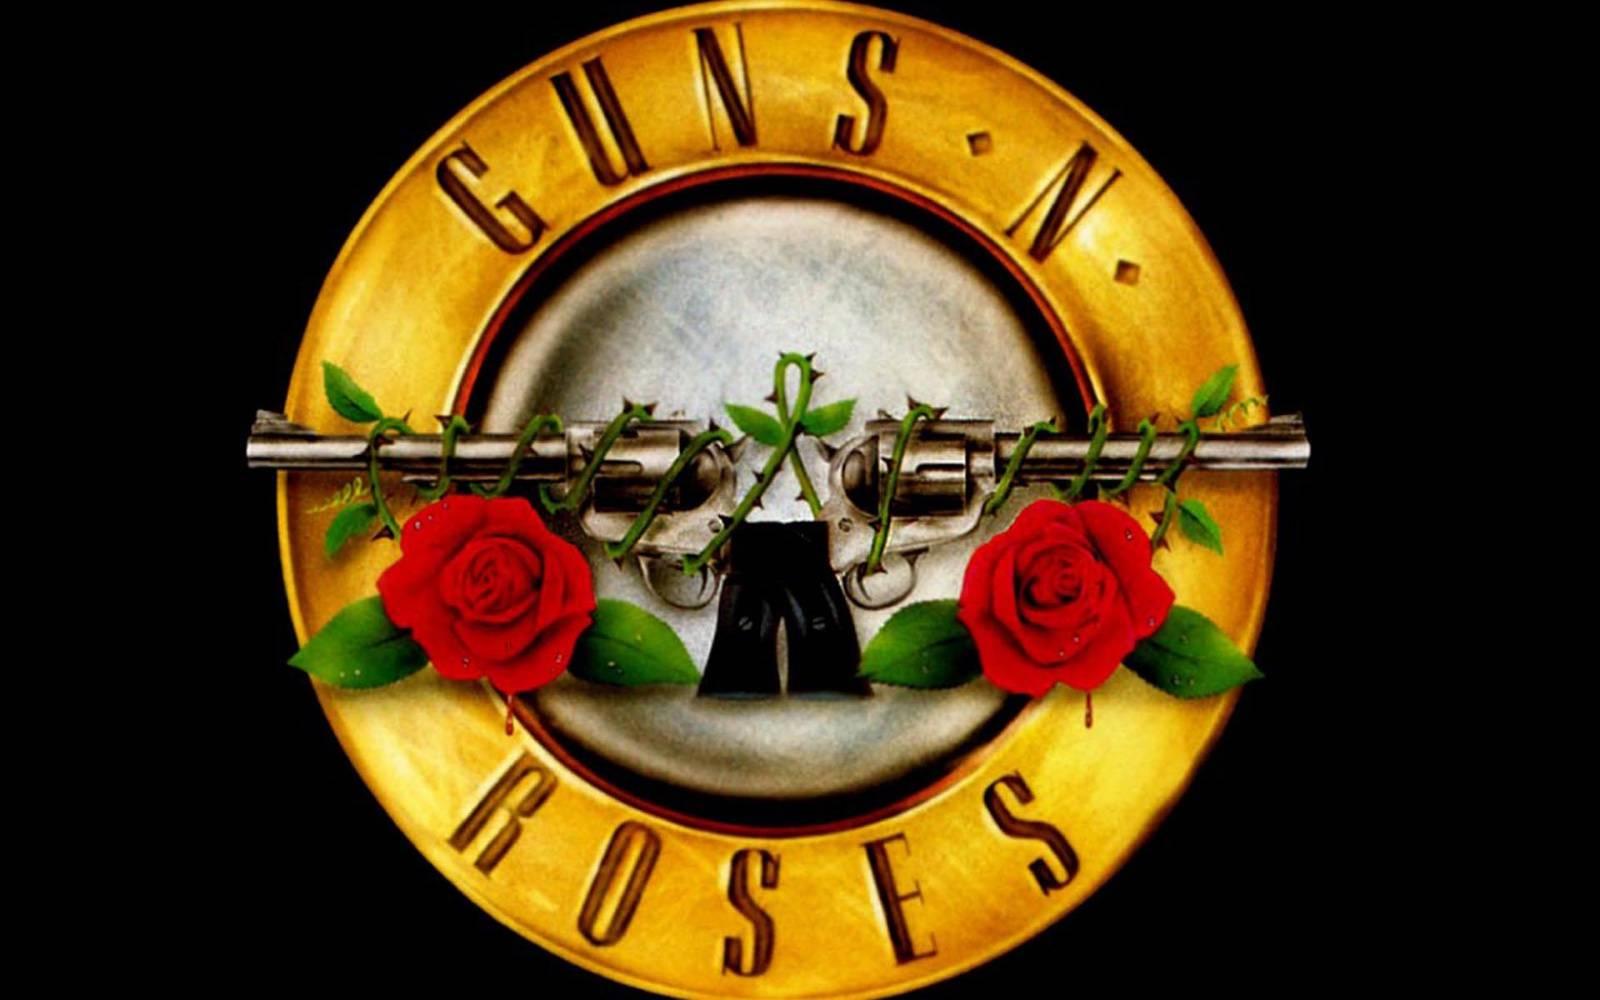 Návrat Guns N' Roses: Axl Rose a Slash se mají příští rok po 23 letech objevit na jednom pódiu